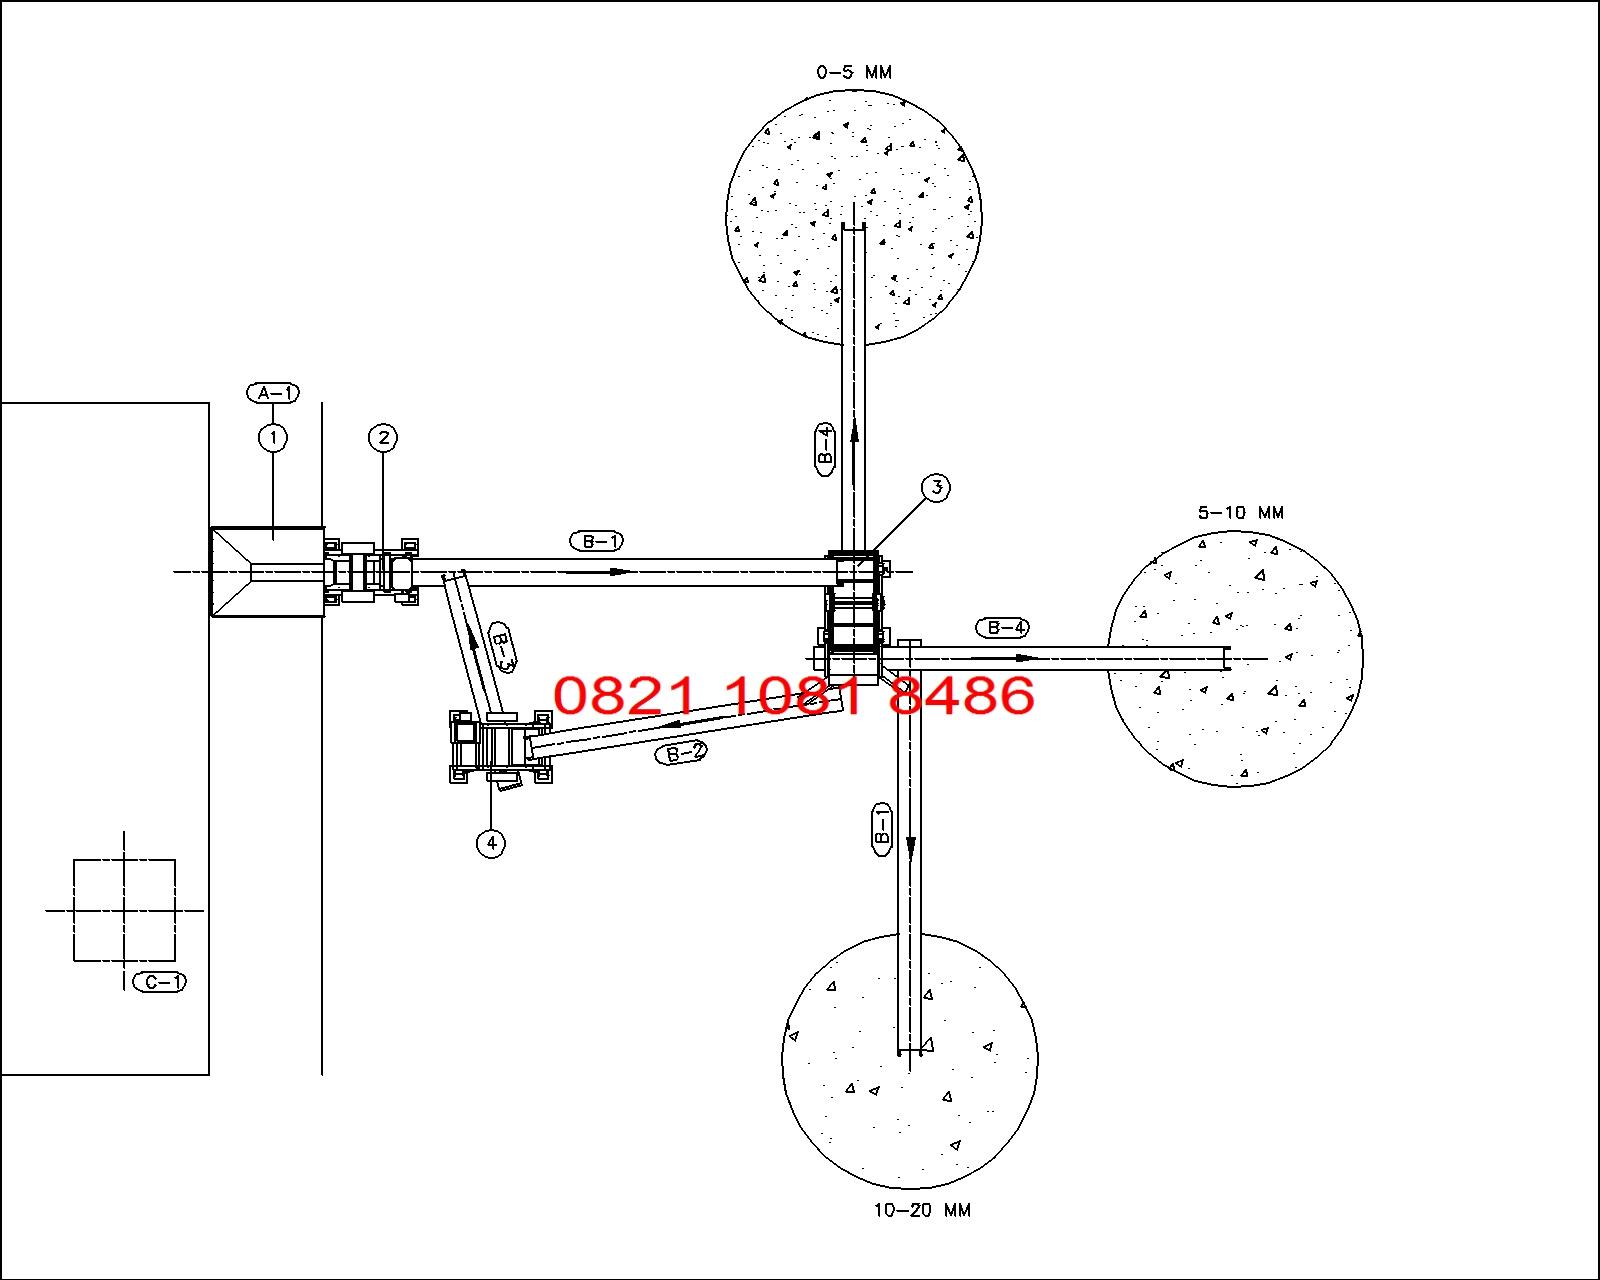 Jual Stone Crusher Plant 30 40 Tph Opsi 02 2000 Hyundai 15l Fuse Box Diagram